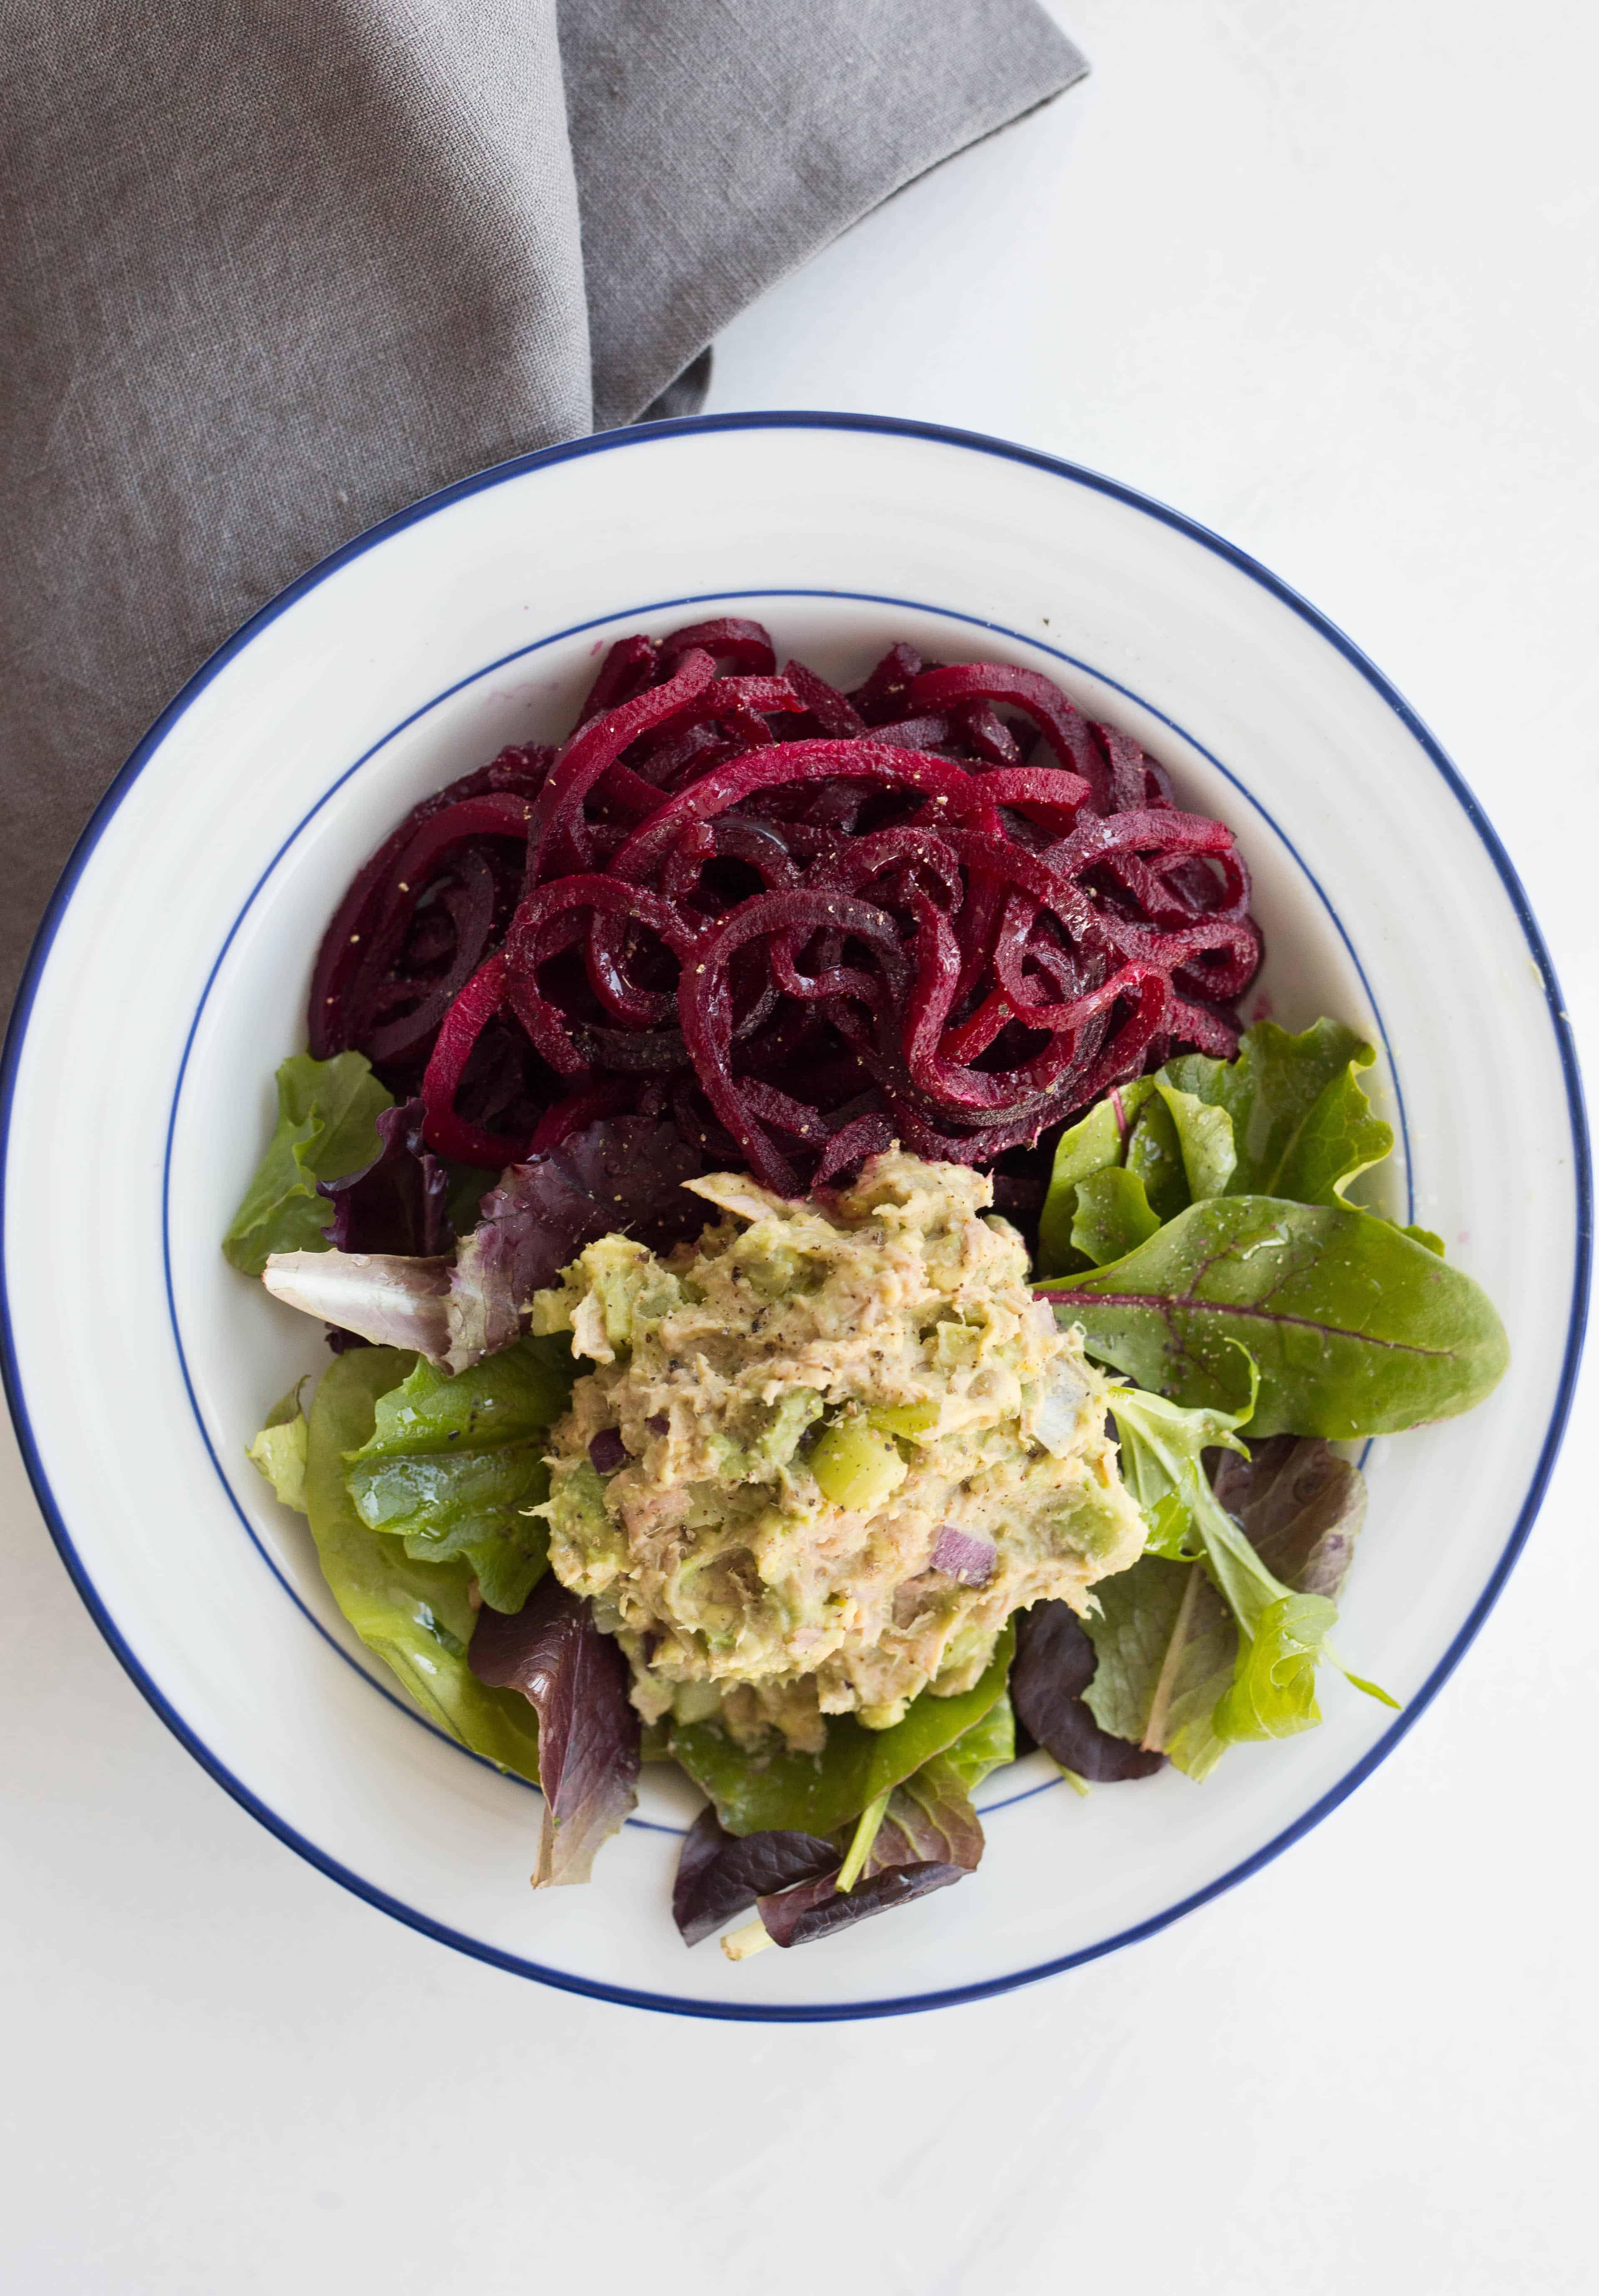 Avocado-Tuna Salad with Beet Noodles